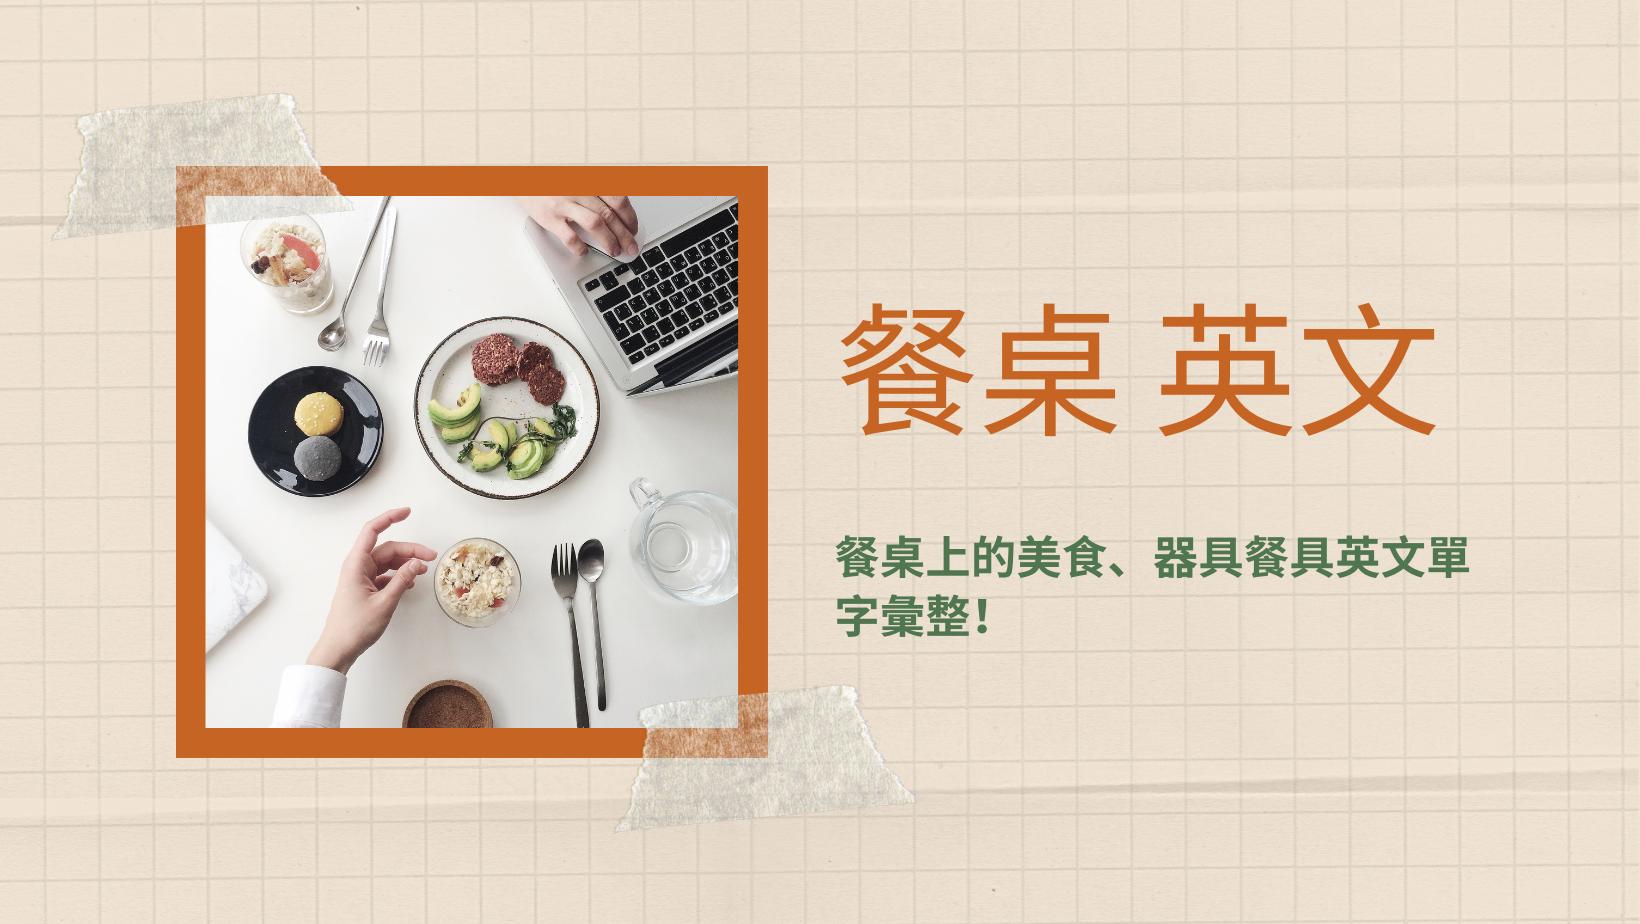 【餐桌 英文】餐桌上的美食、器具餐具英文單字彙整!